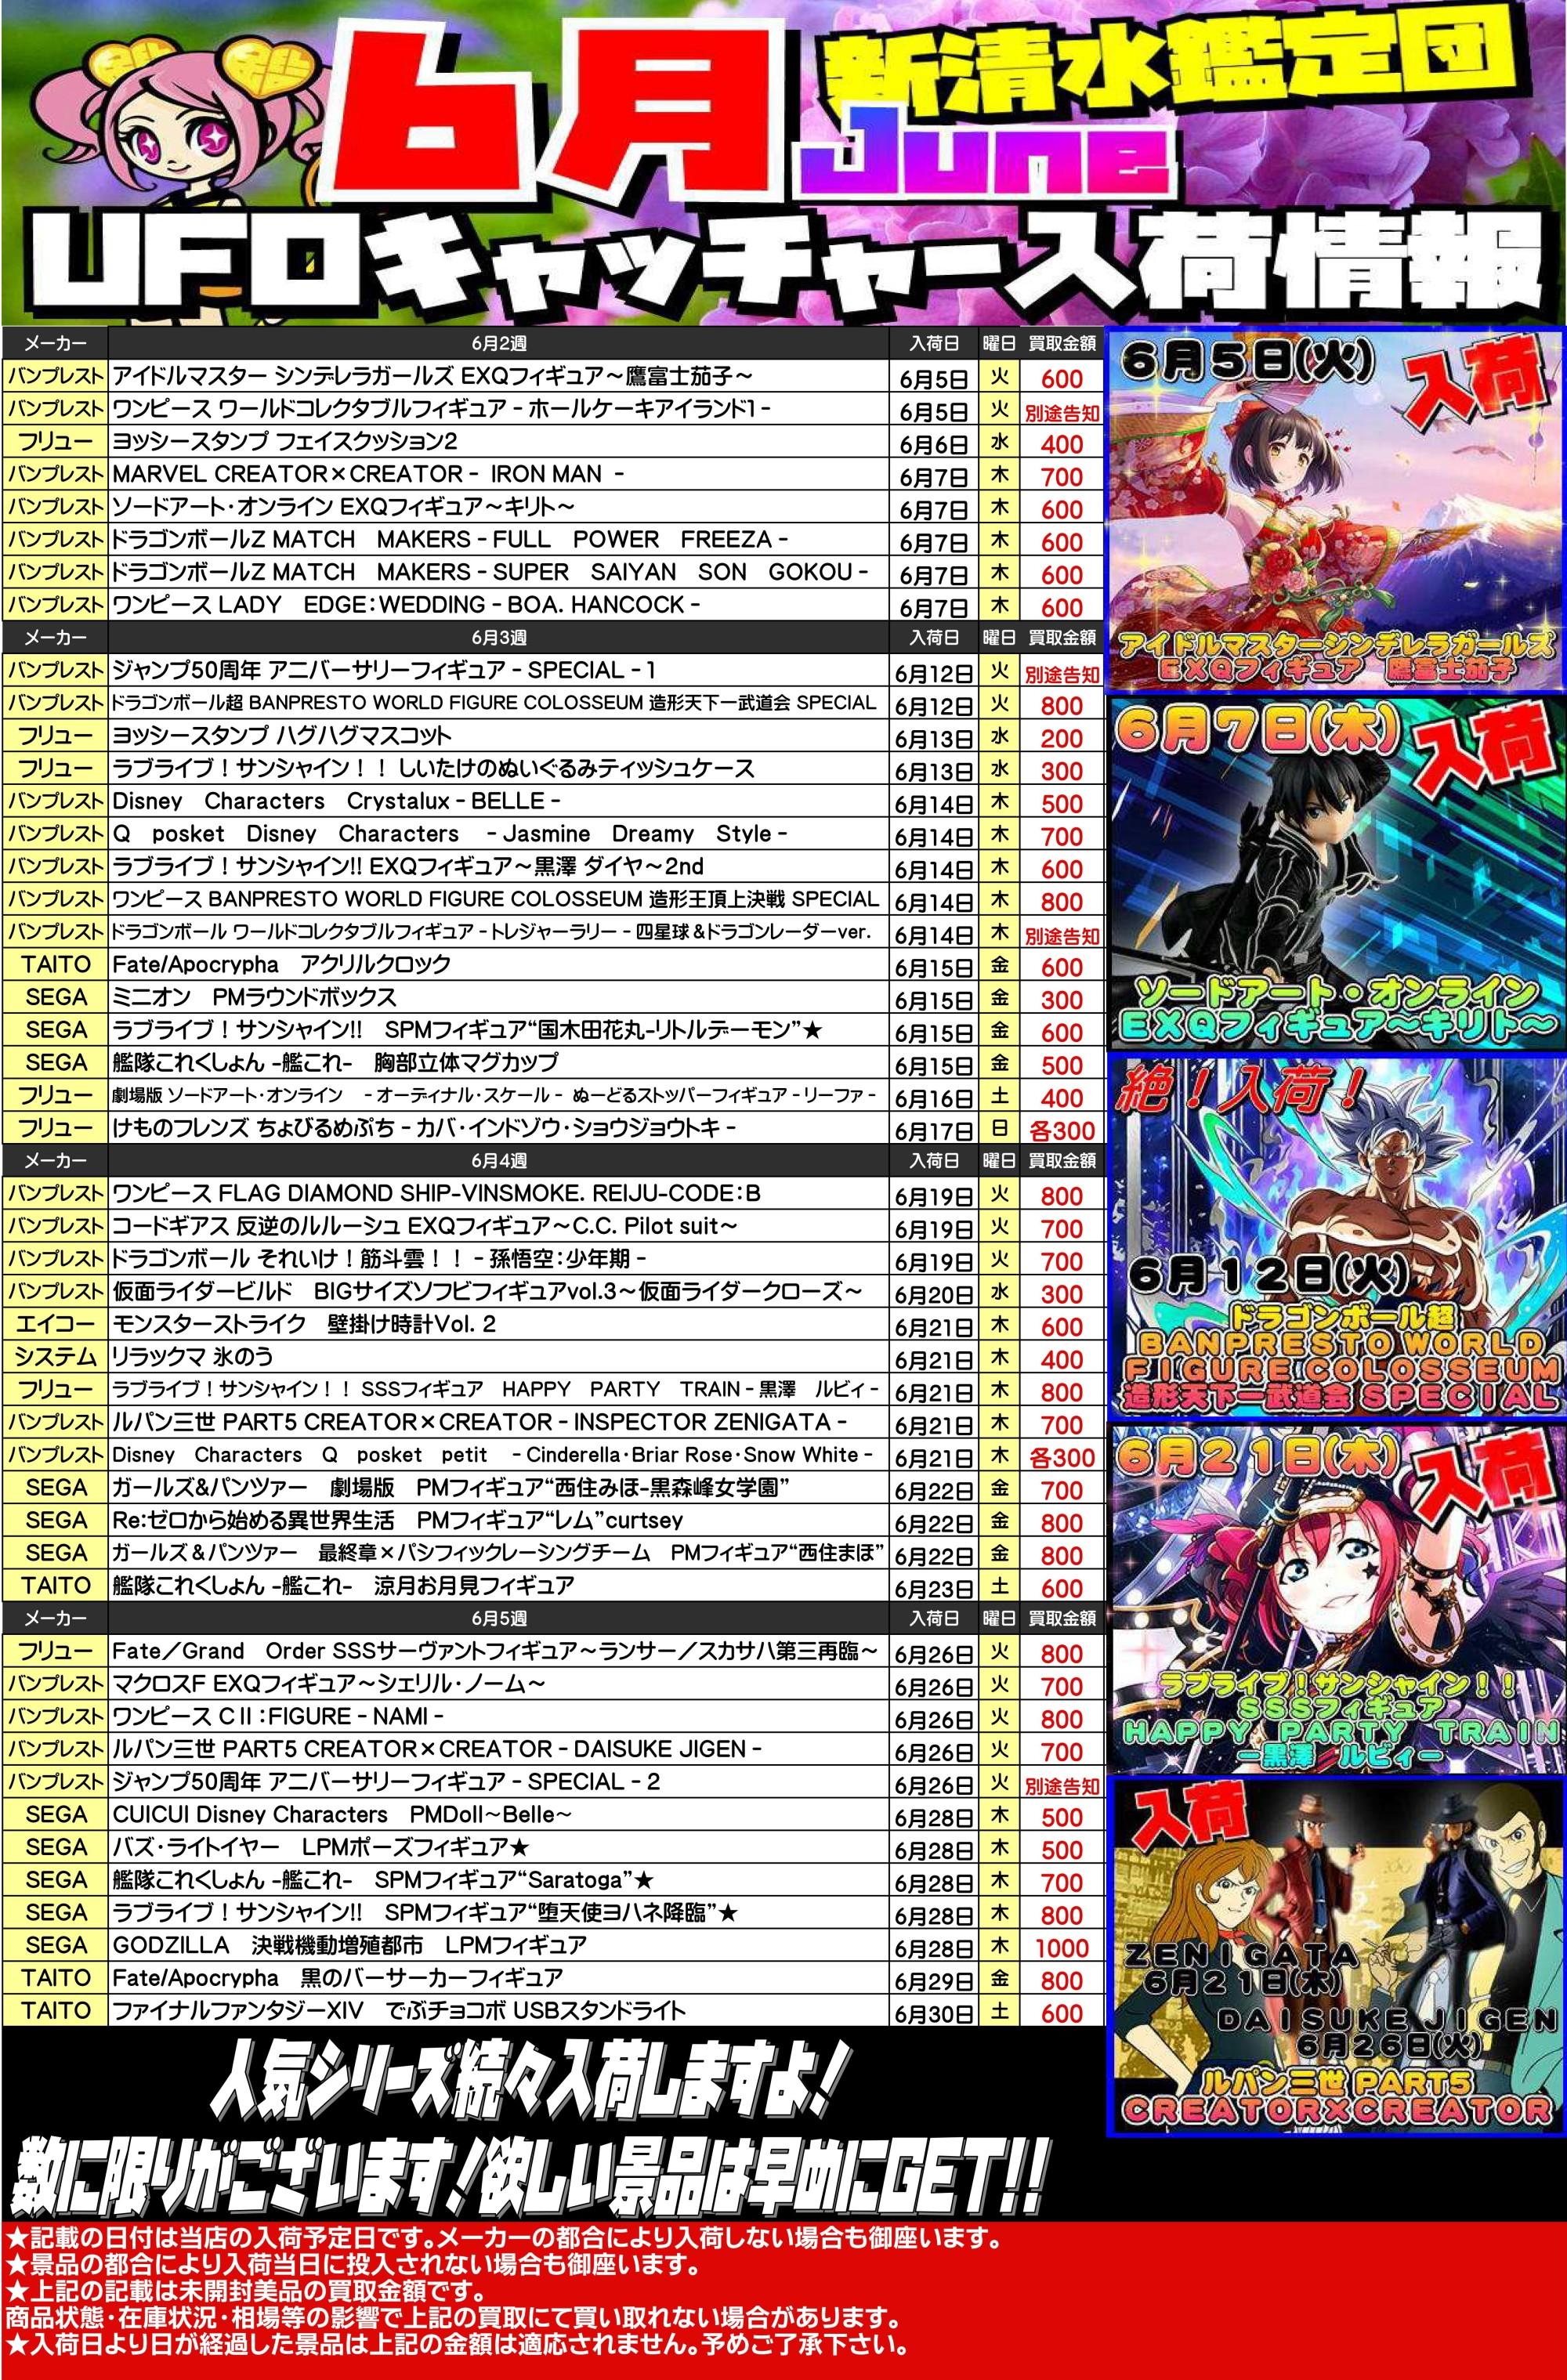 6月UFOキャッチャー景品入荷・買取カレンダーのイメージ